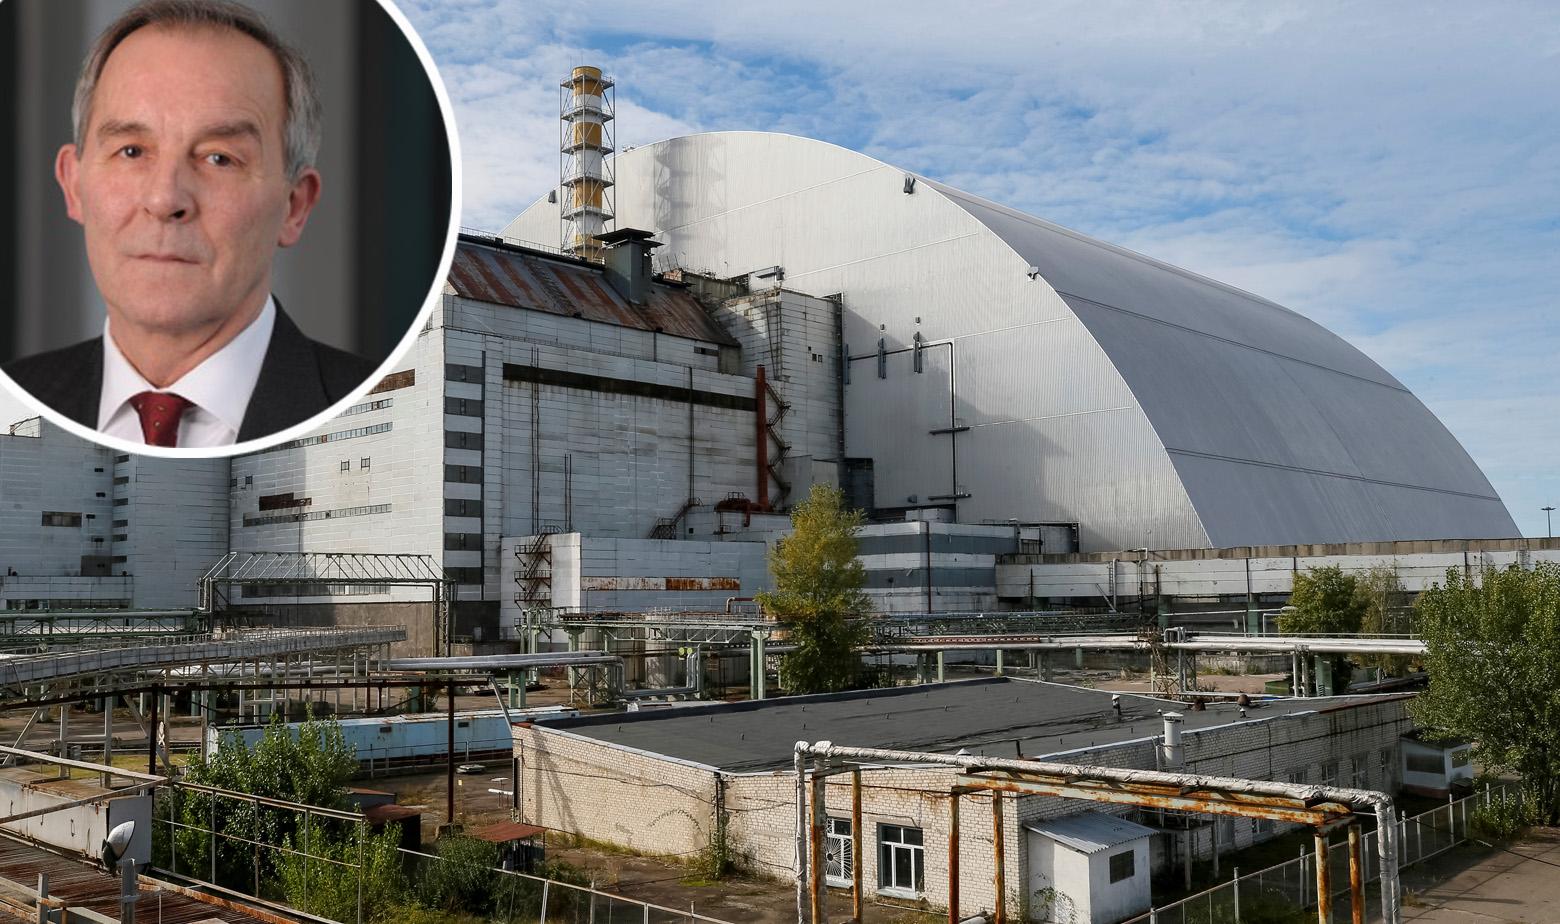 Vince Novak i divovski svod nad reaktorom u Černobilu